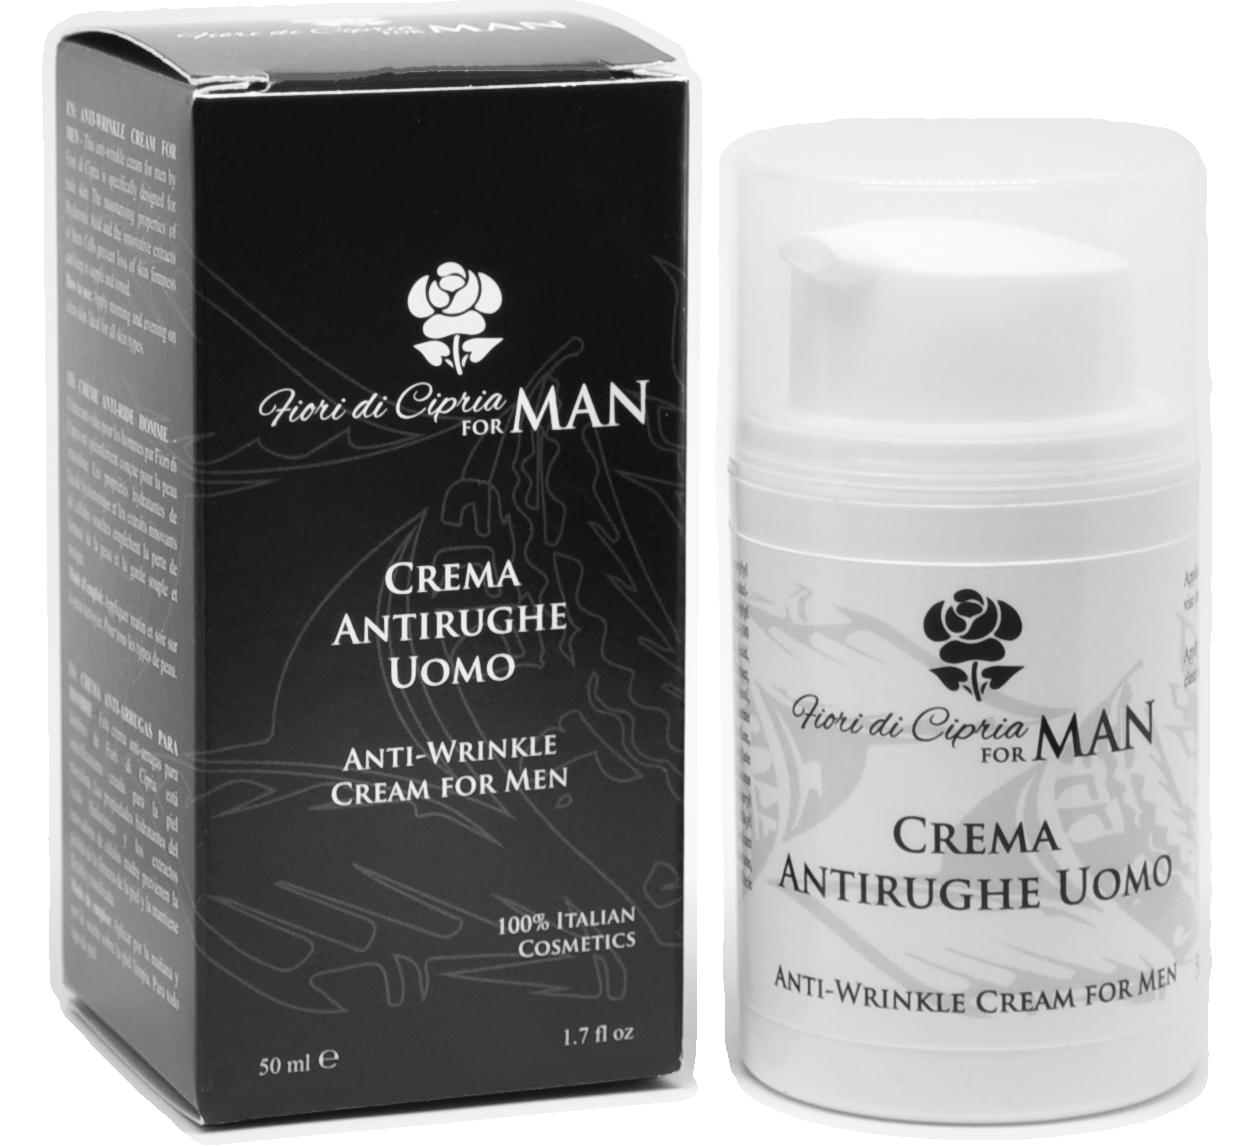 Anti-Wrinkle Cream For Men